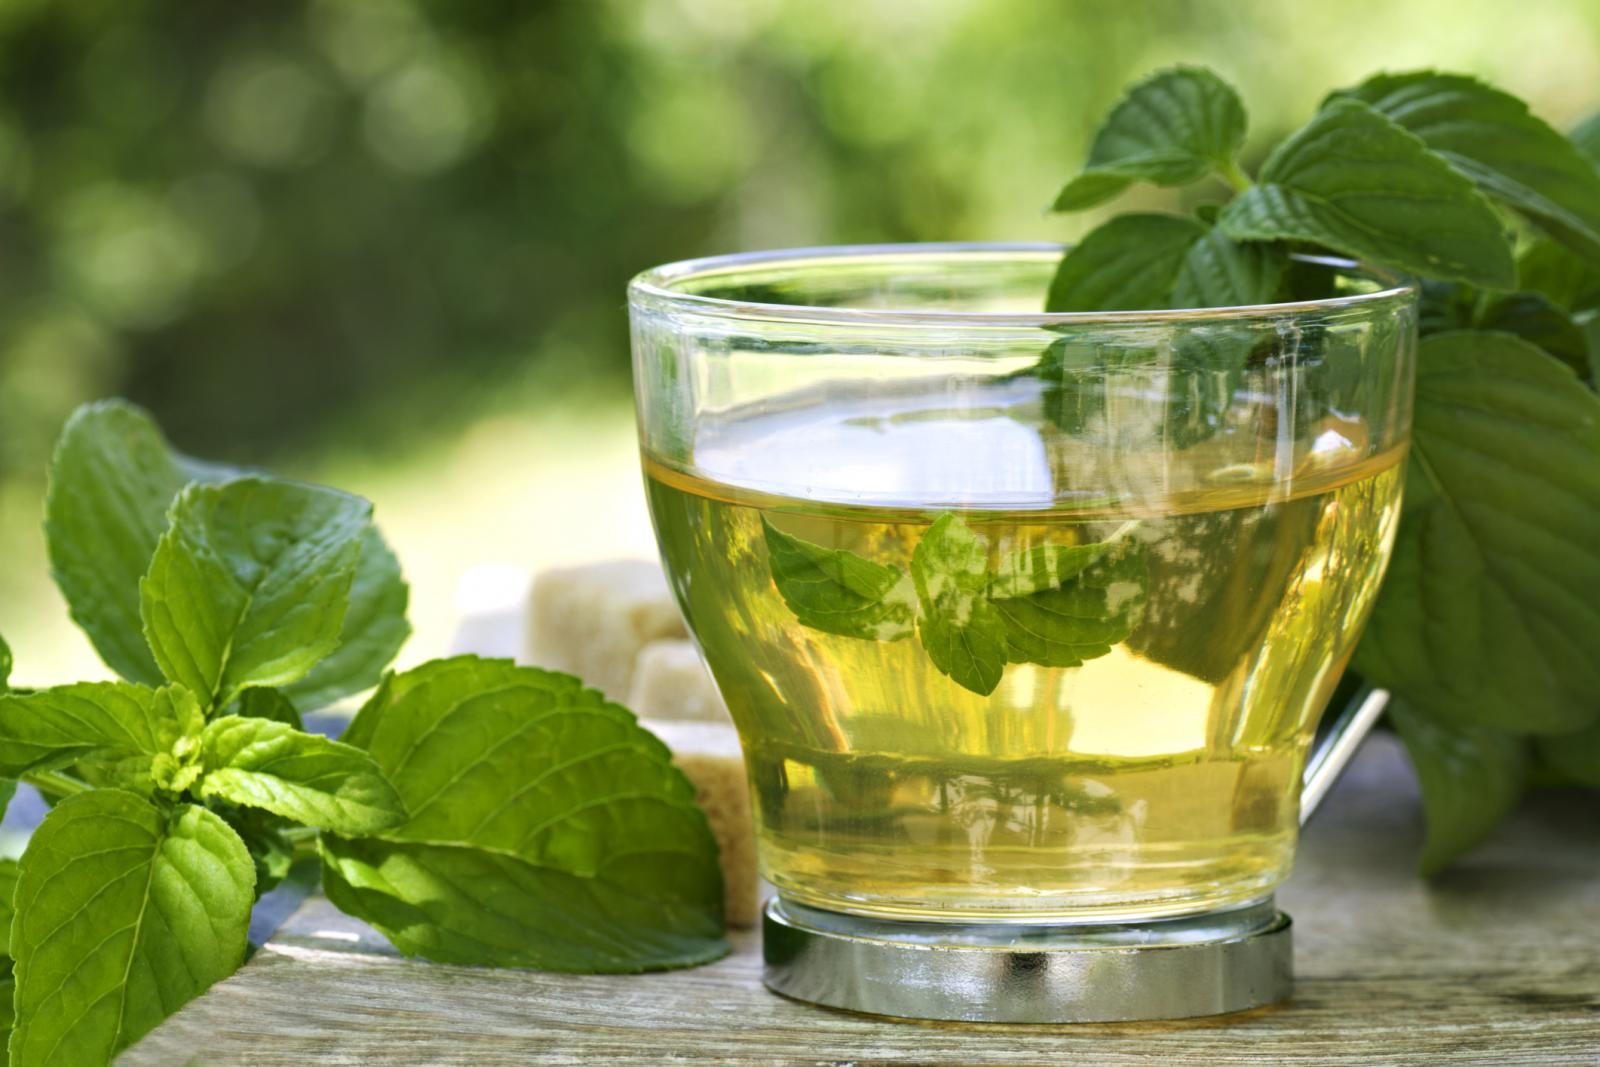 Витамины, которые содержатся в этой зелени, помогут справиться